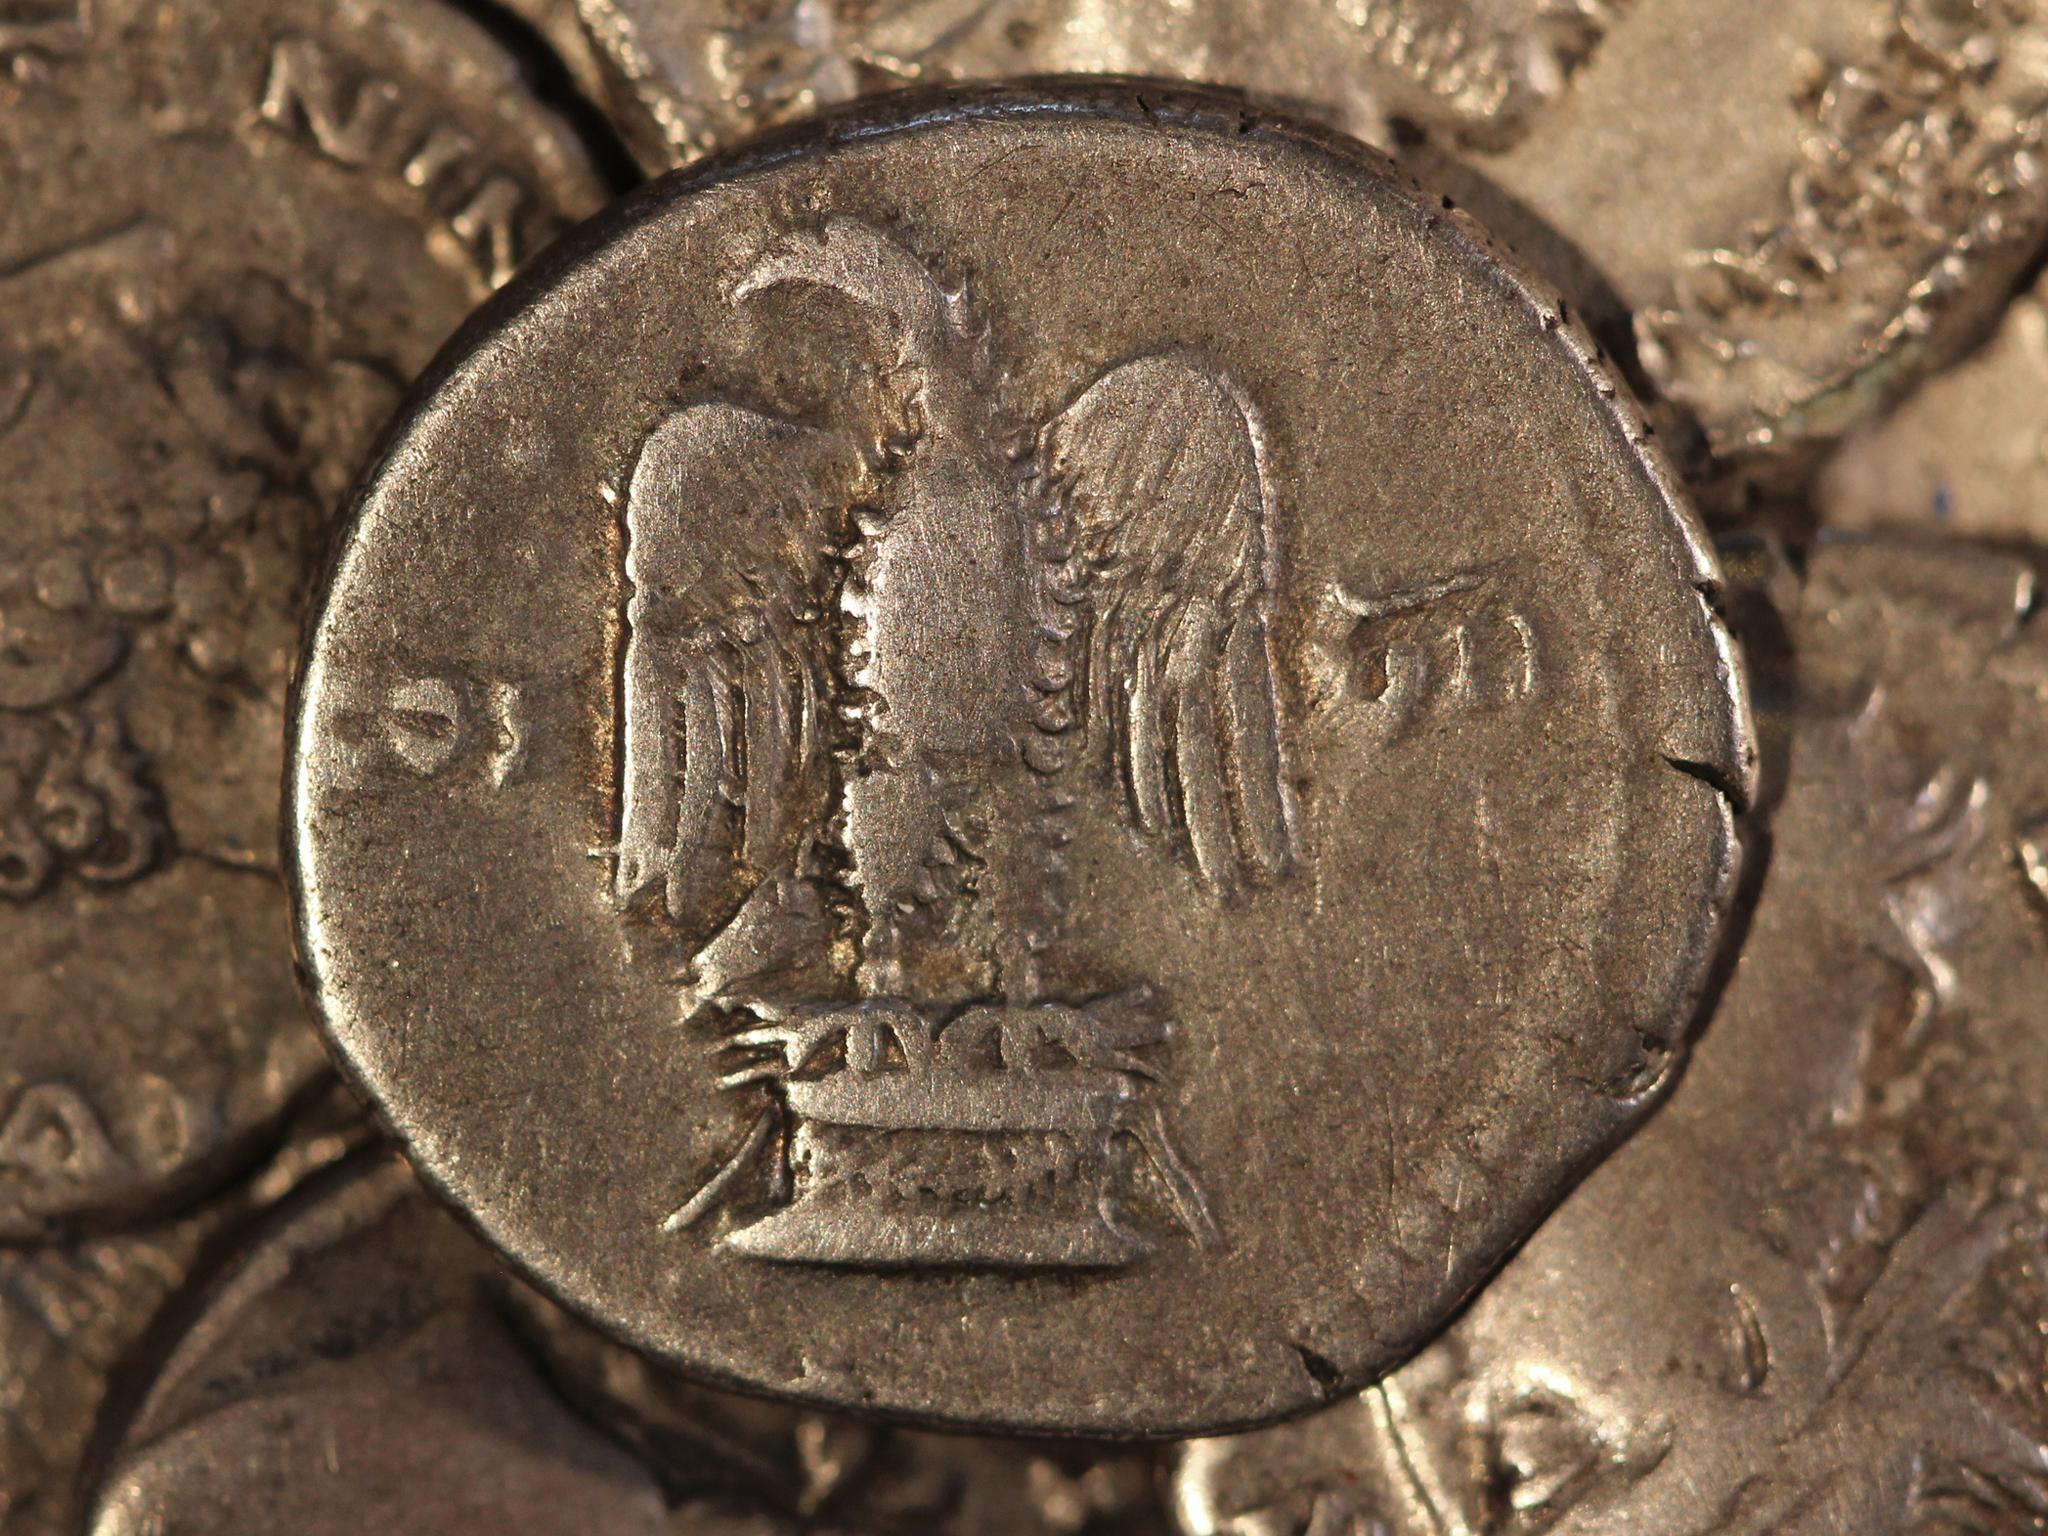 alte römische Münze mit einem Adler, der auf einem Podest steht